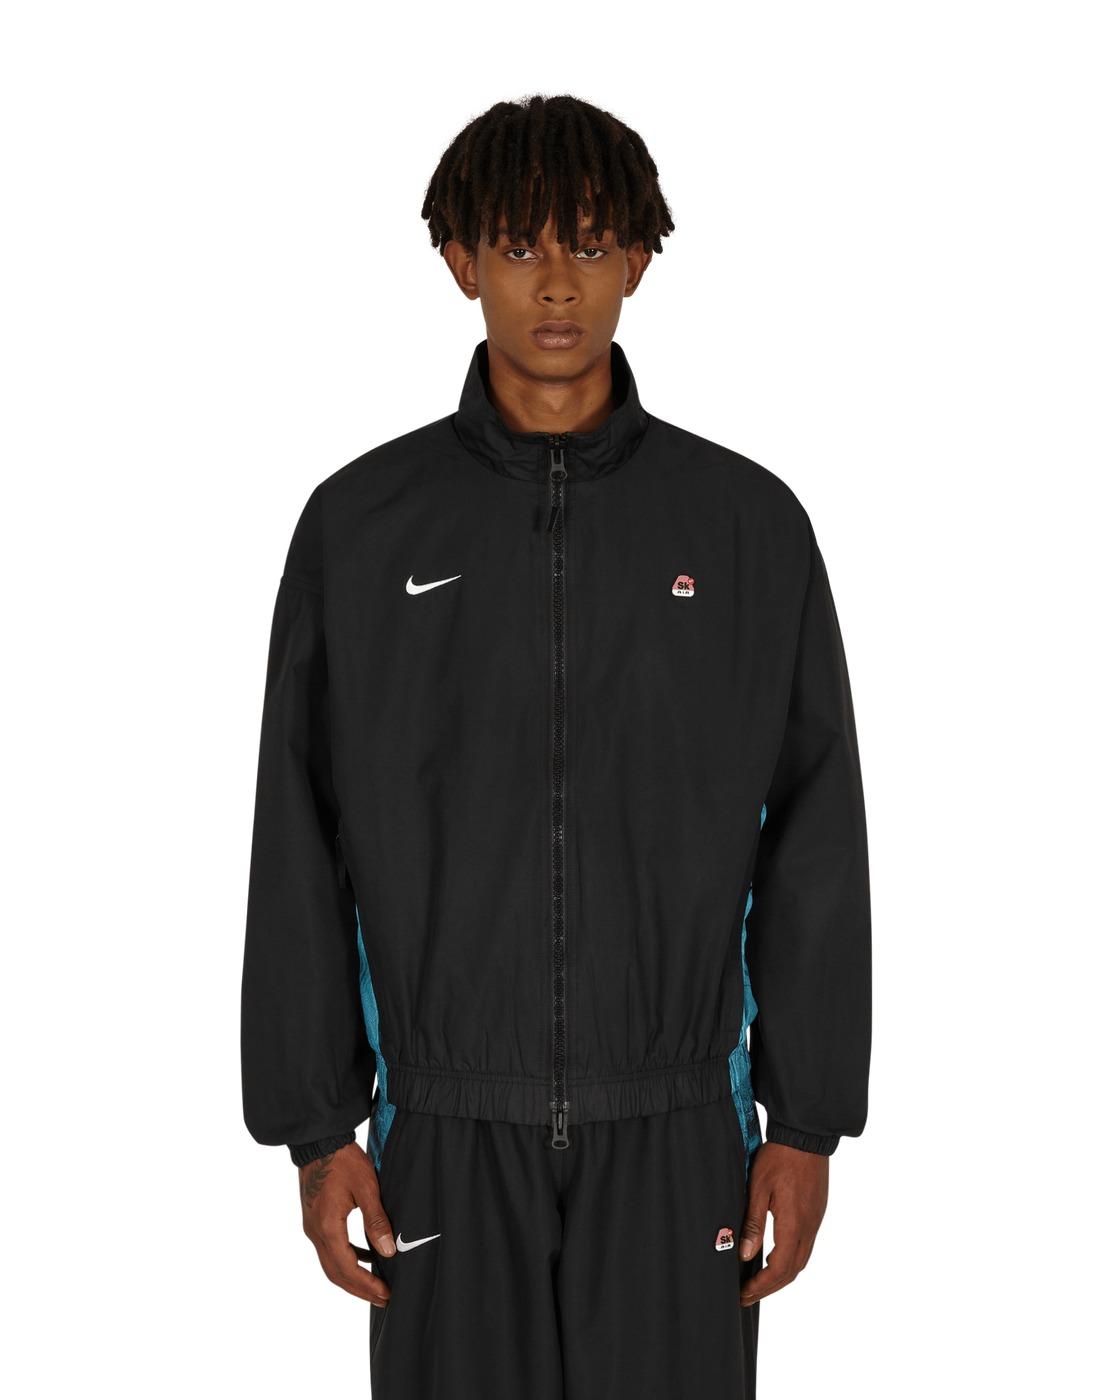 Nike Special Project Skepta Track Jacket Black